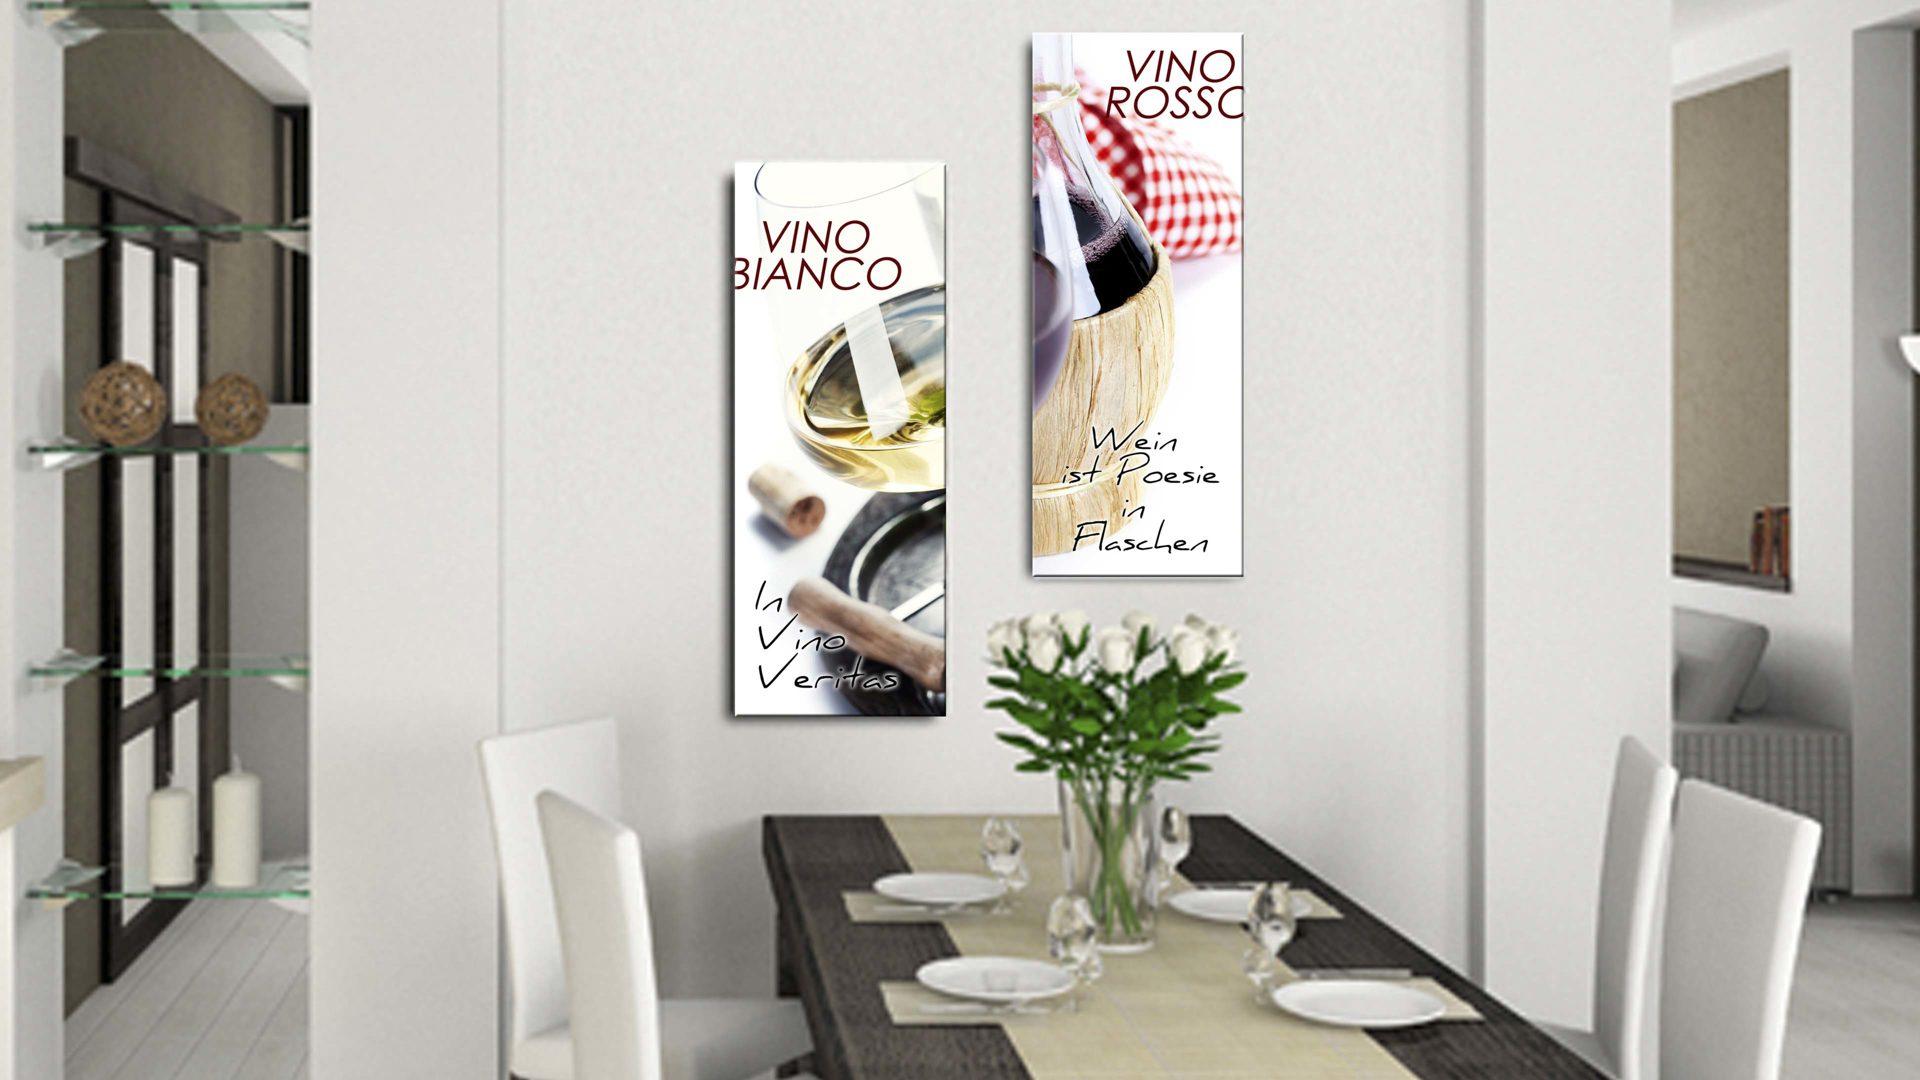 Glasbild Vino Bianco, 4 mm Floatglas mit Motiv - ca. 30 x 80 cm ...